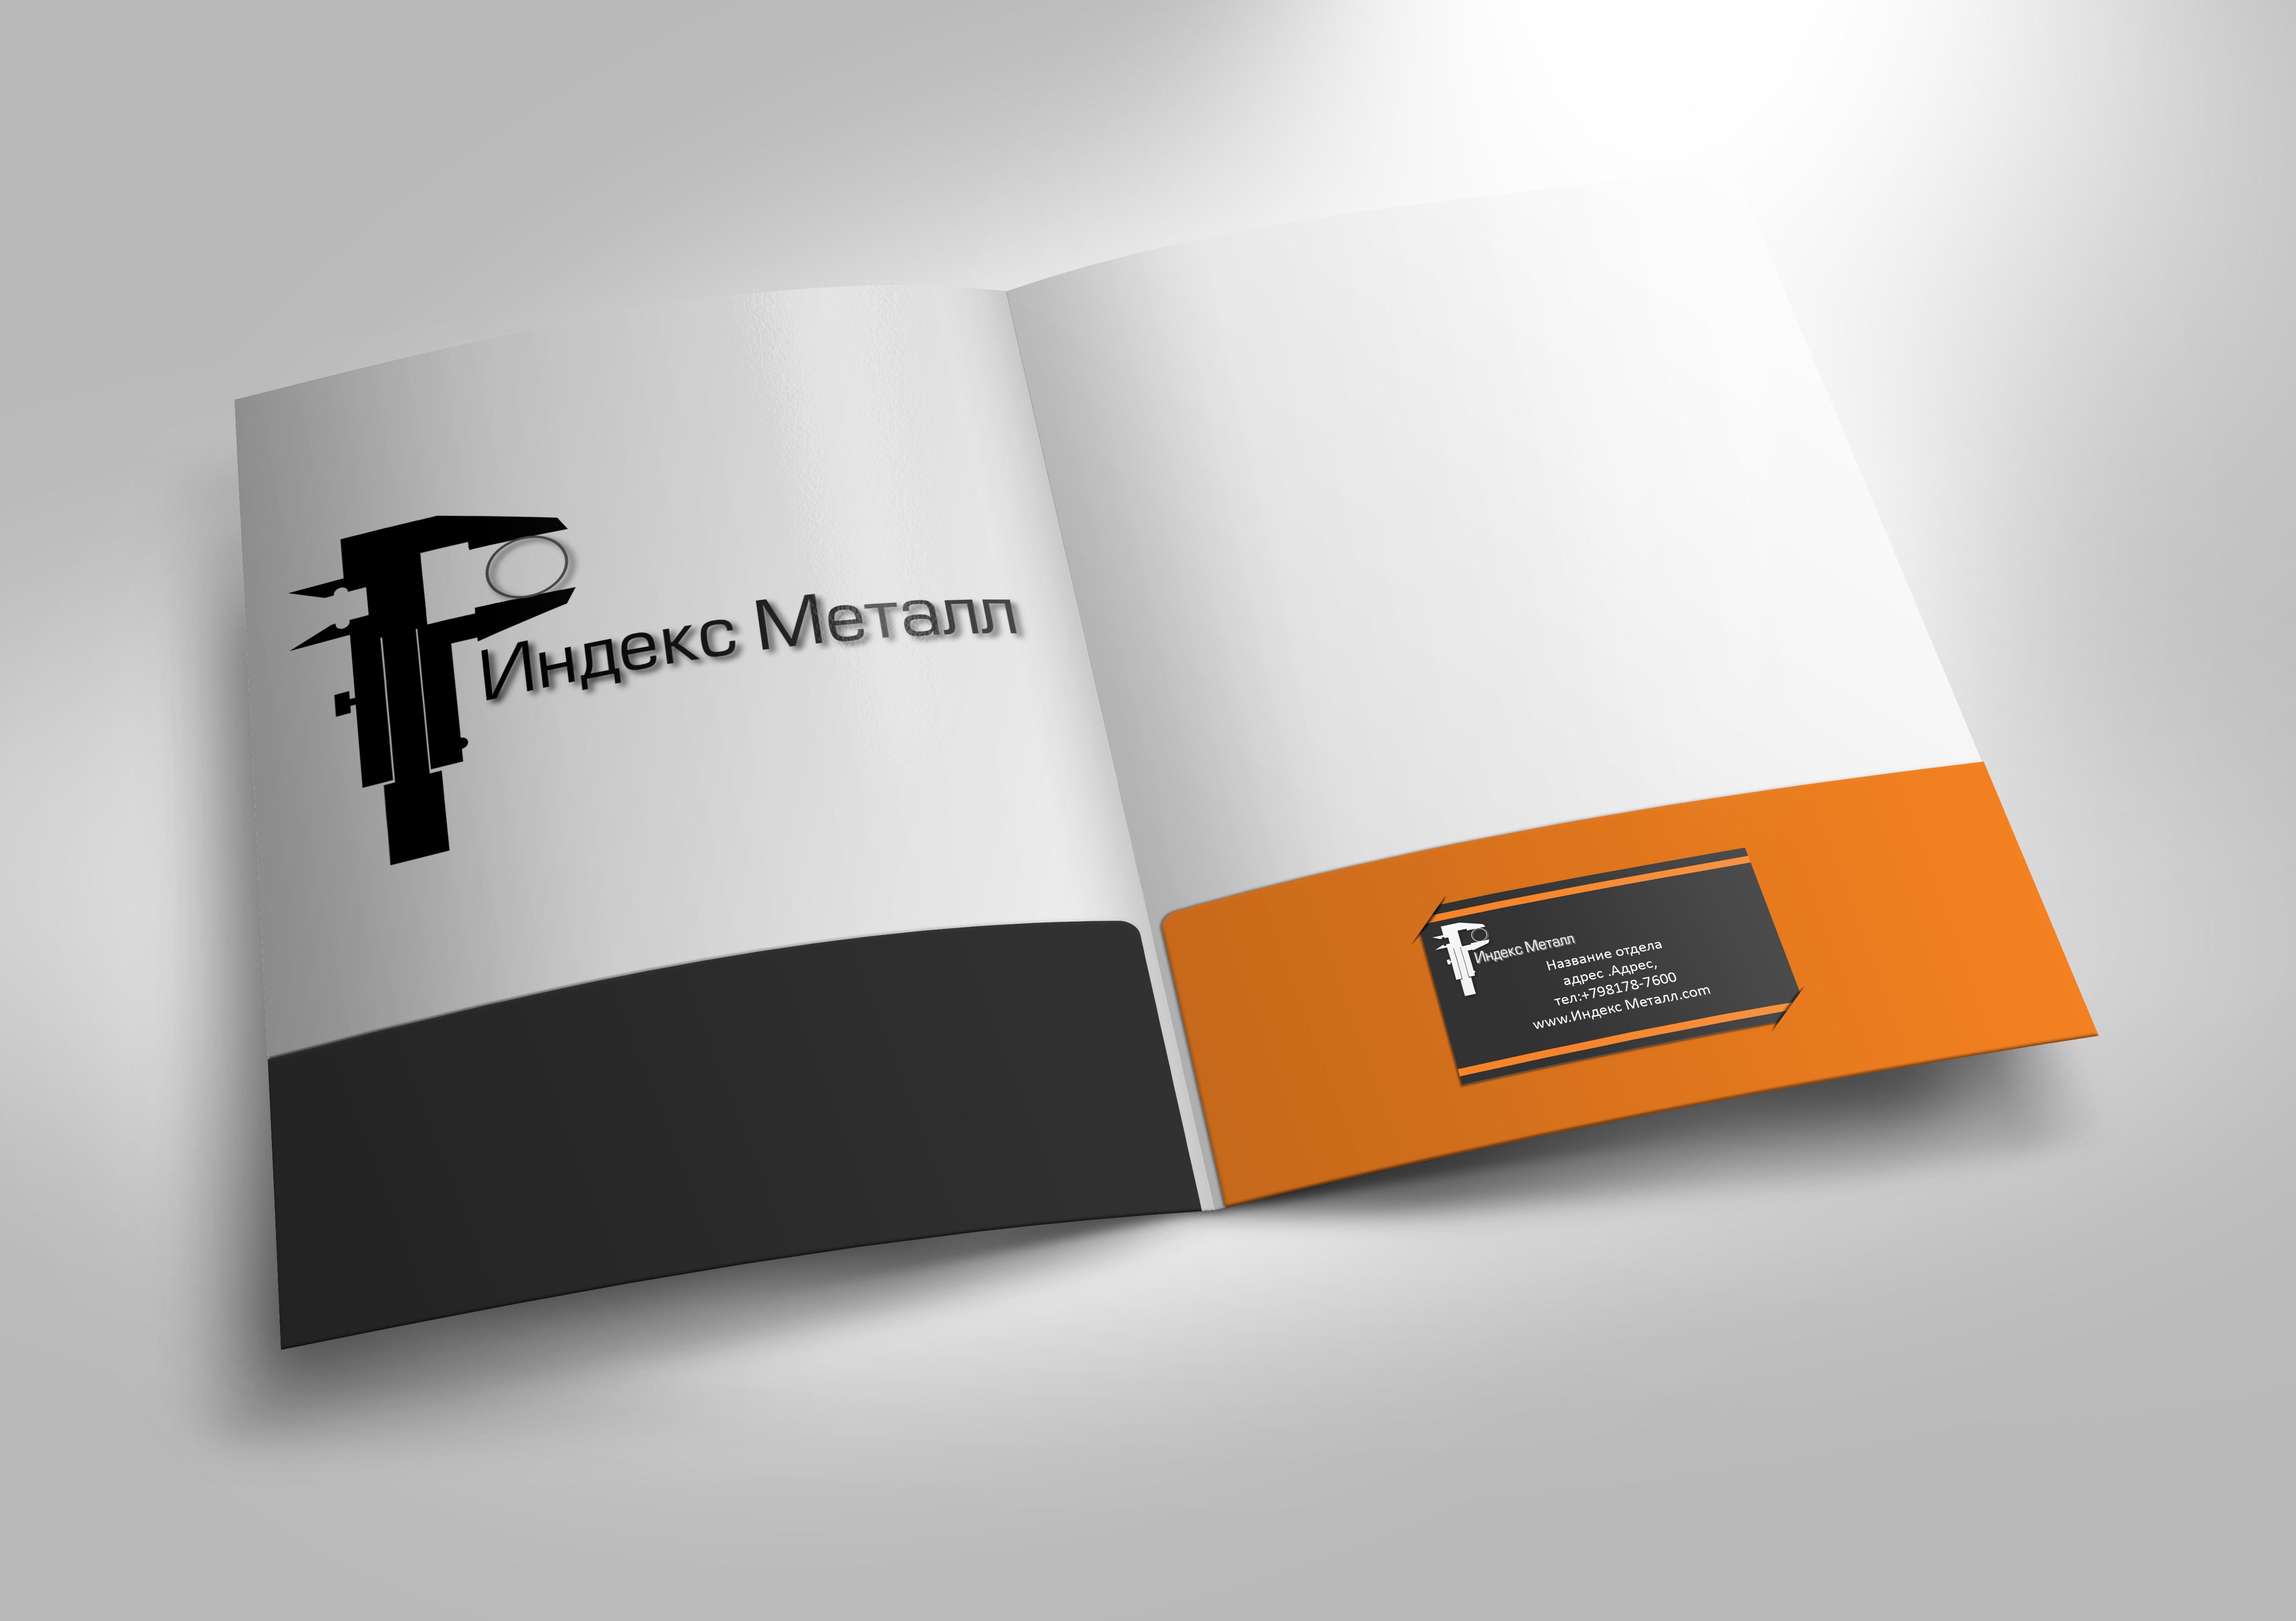 Разработка фирменного стиля фото f_1715e71bb2b4cafb.jpg